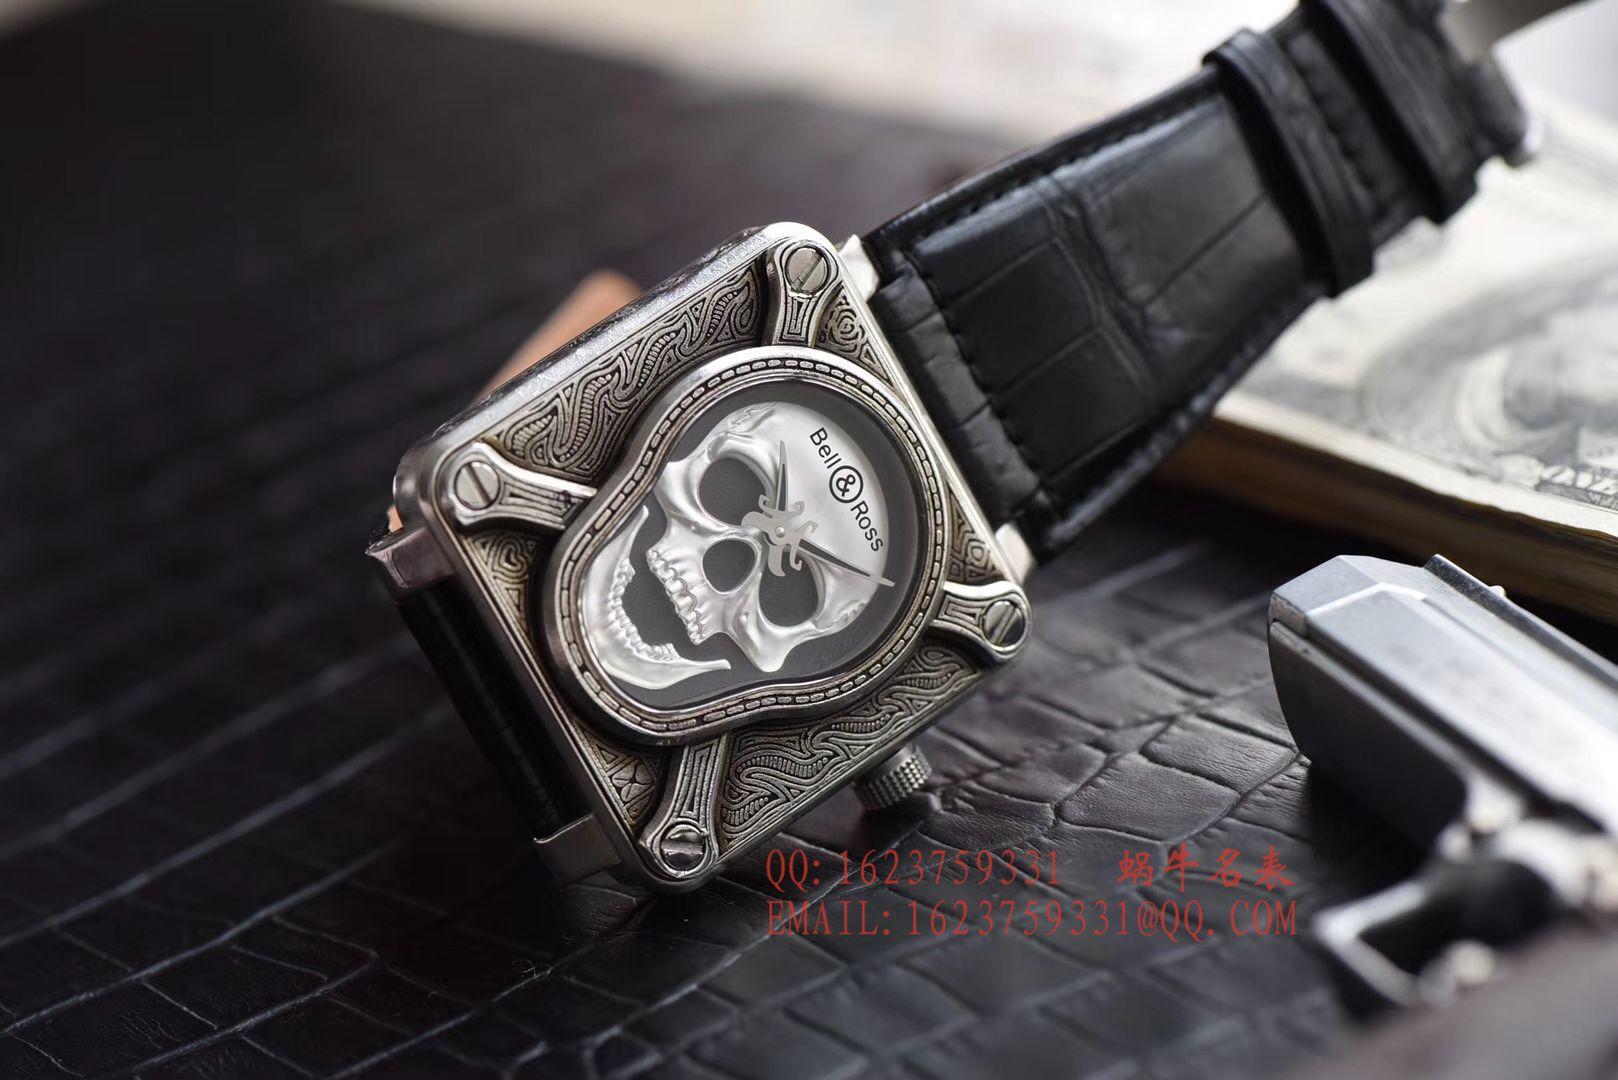 【独家视频评测】柏莱士BELL & ROSS BR 01 Burning skull  Instruments 系列限量版骷颅头